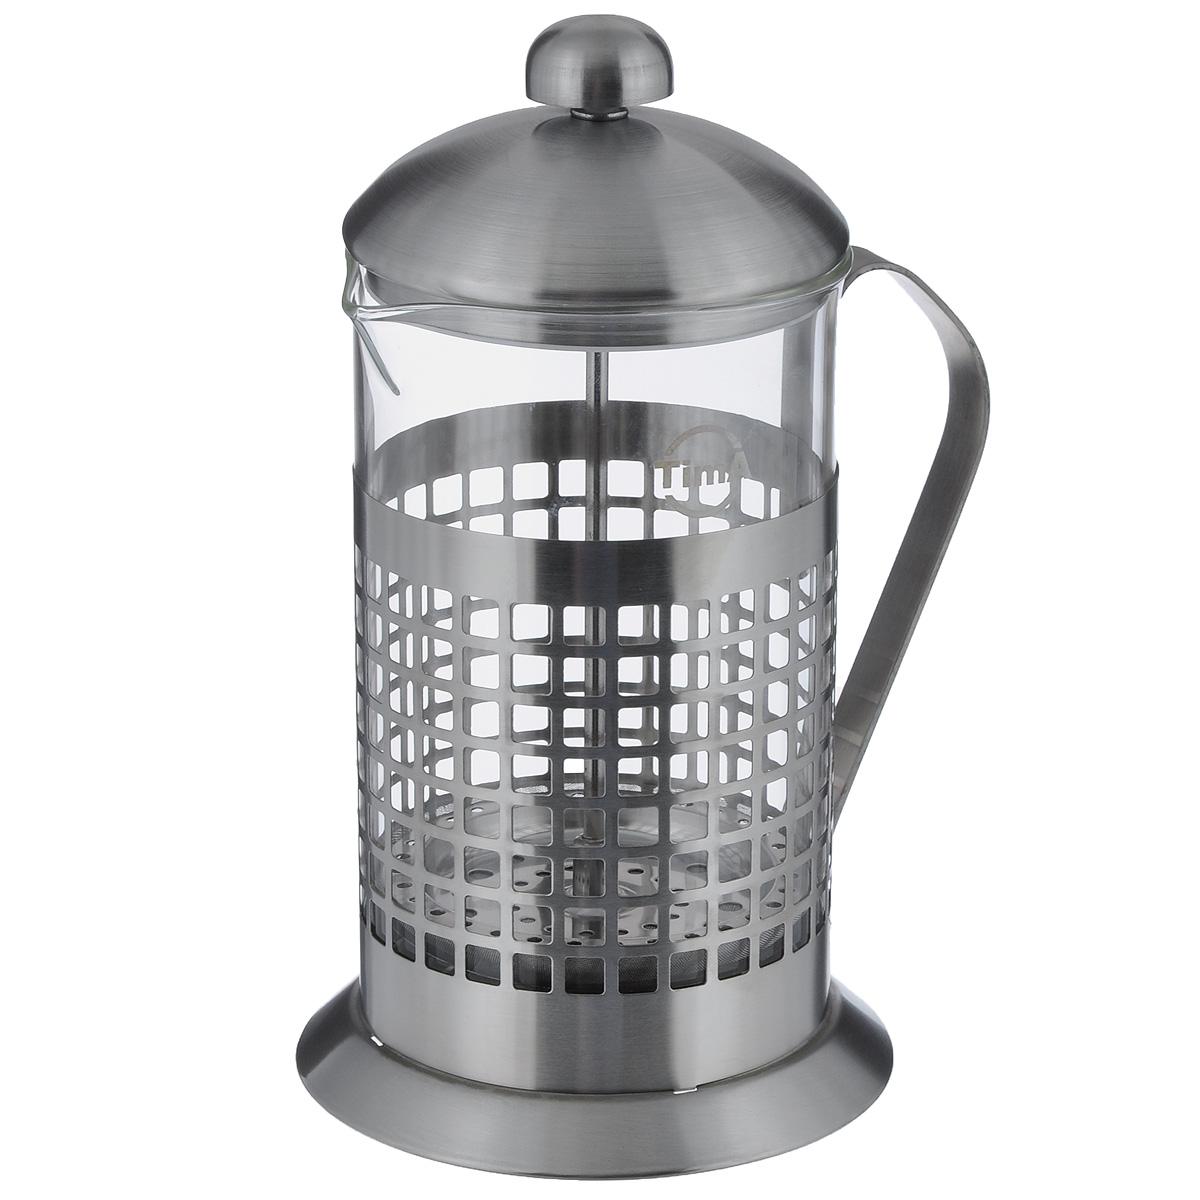 Чайник заварочный TimA Бисквит, 800 млPB-800Чайник заварочный TimA Бисквит выполнен в виде френч-пресса и представляет собой гибрид заварочного чайника и кофейника. Колба выполнена из жаропрочного стекла, корпус, крышка и поршень изготовлены из нержавеющей стали. Изделие легко разбирается и моется.Прозрачные стенки чайника дают возможность наблюдать за насыщением напитка, а поршень позволяет с легкостью отжать самый сок от заварки и получить напиток с насыщенным вкусом.Заварочный чайник - постоянно используемый предмет посуды, который необходим на каждой кухне. Френч-пресс TimA Бисквит займет достойное место среди аксессуаров на вашей кухне.Можно мыть в посудомоечной машине.Диаметр (по верхнему краю): 10 см.Высота чайника (с крышкой): 22 см. Объем: 800 мл.